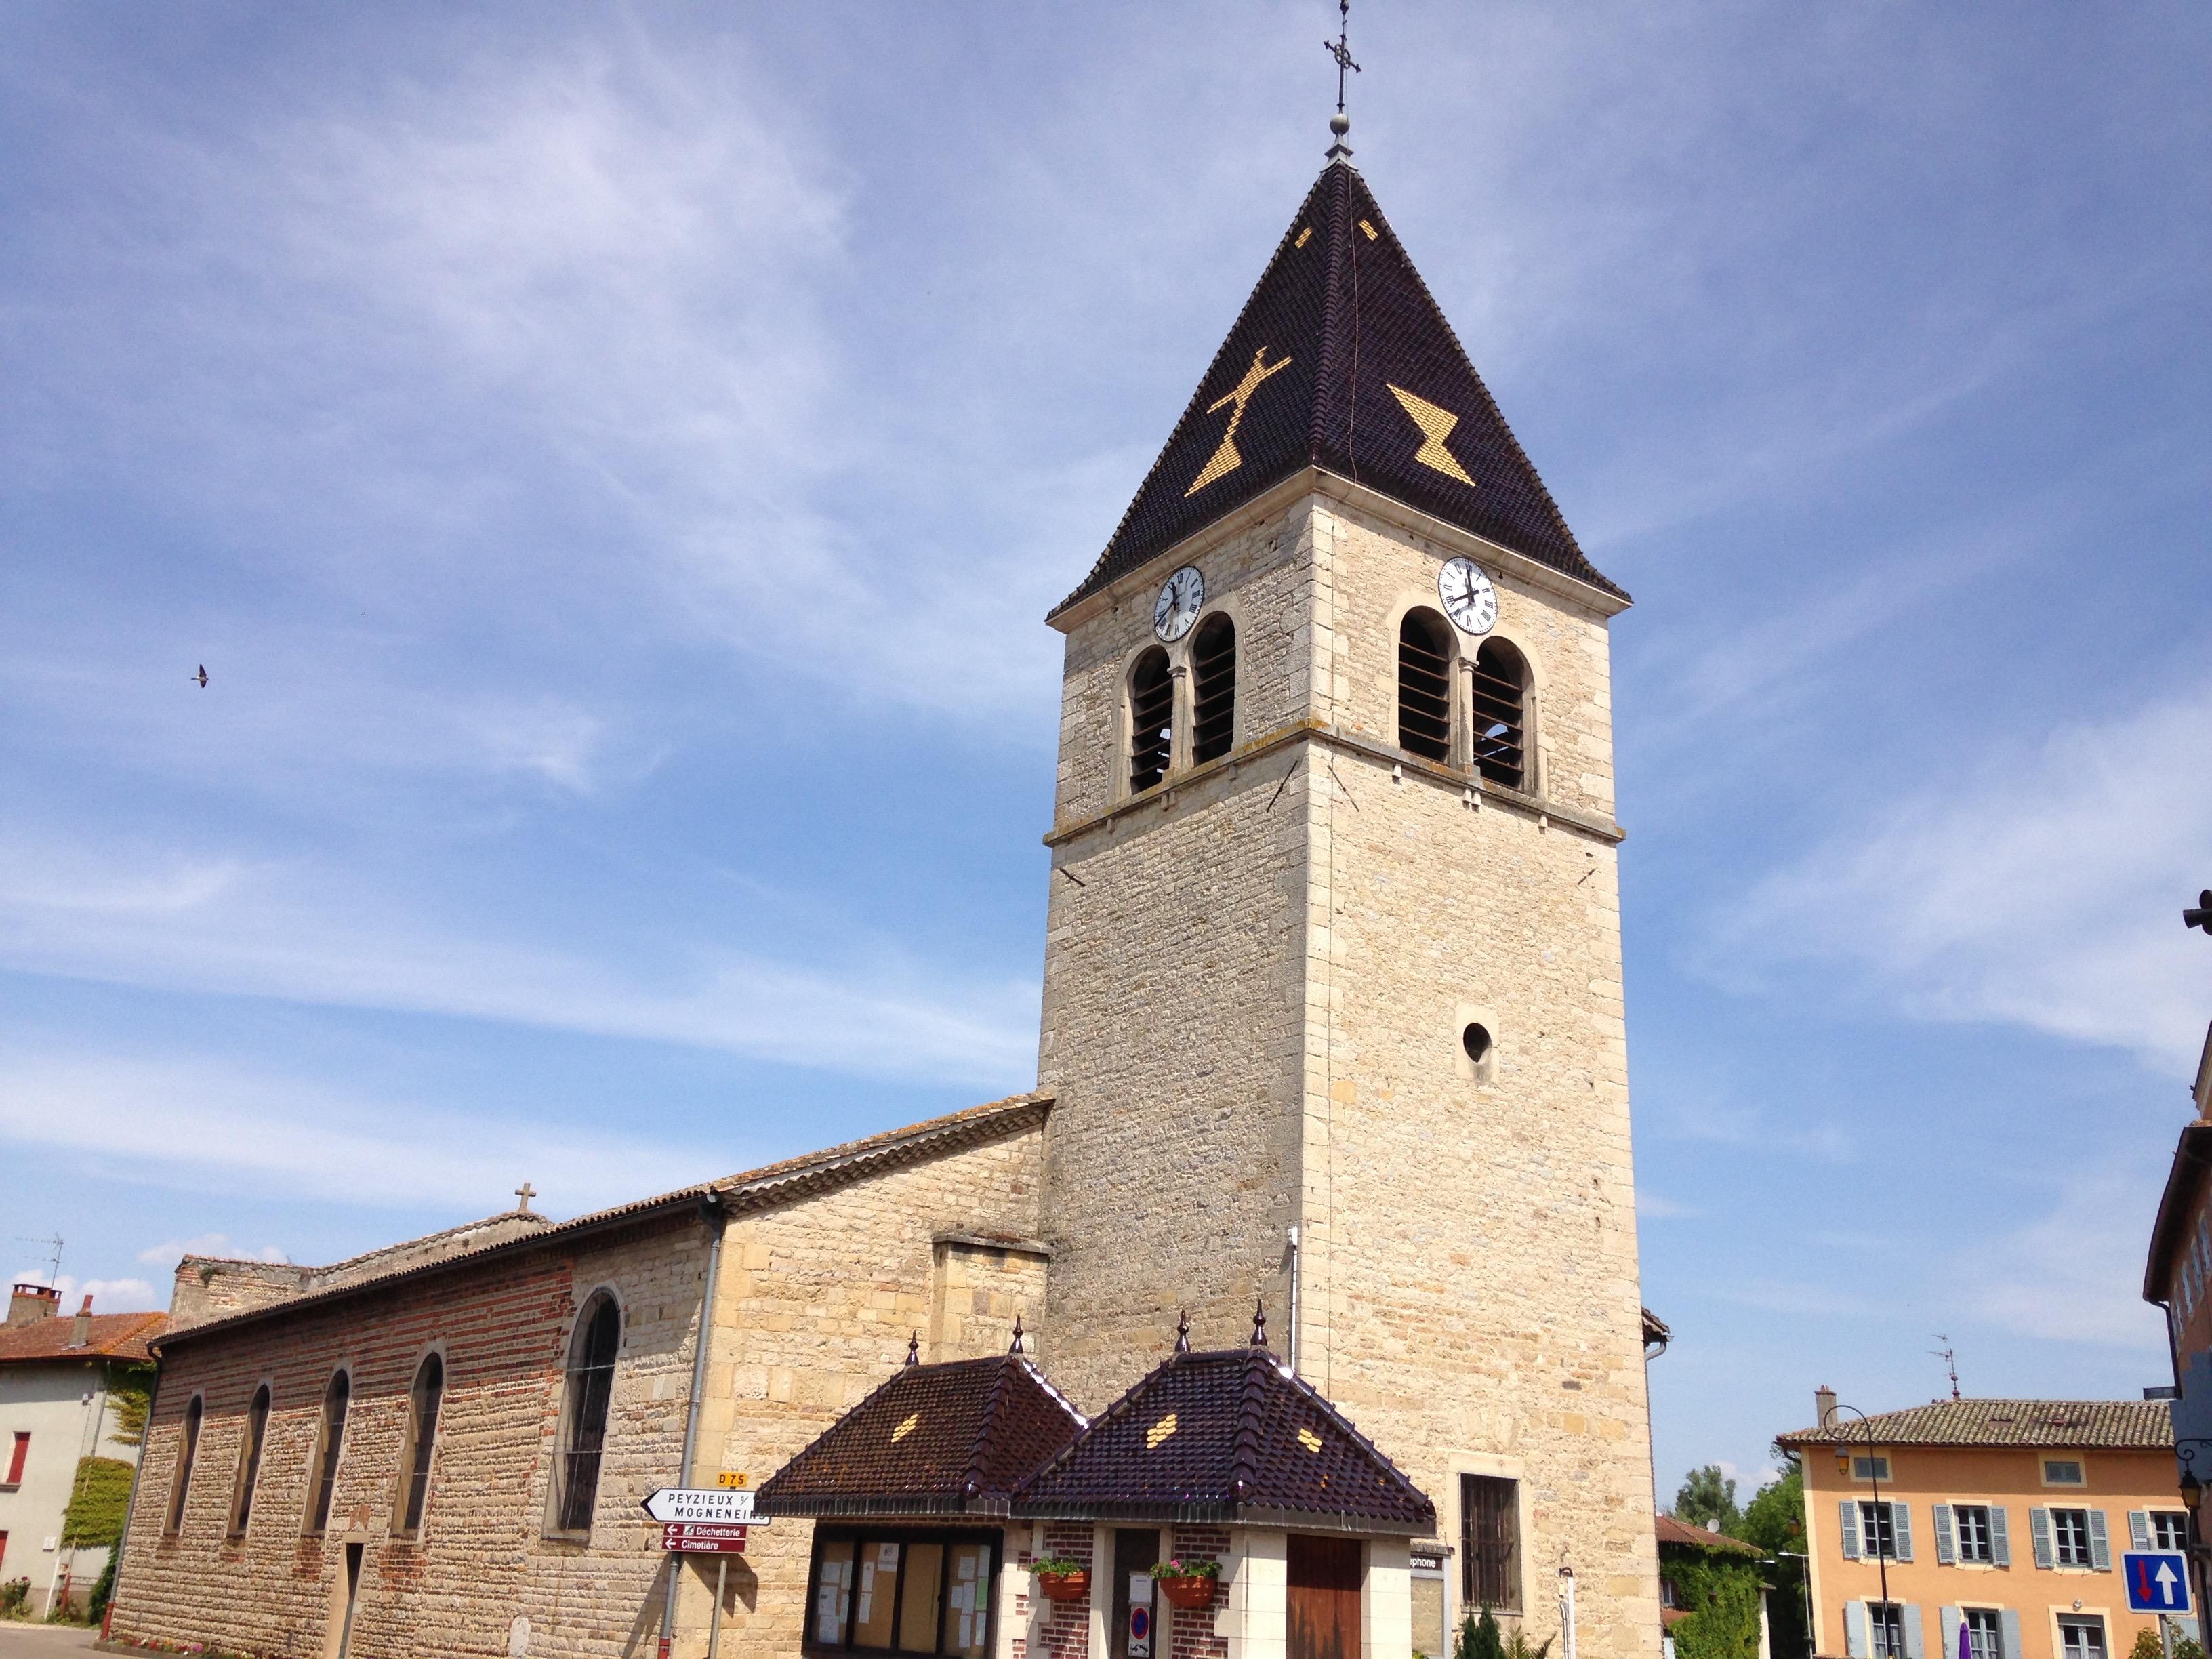 Saint-Étienne-sur-Chalaronne